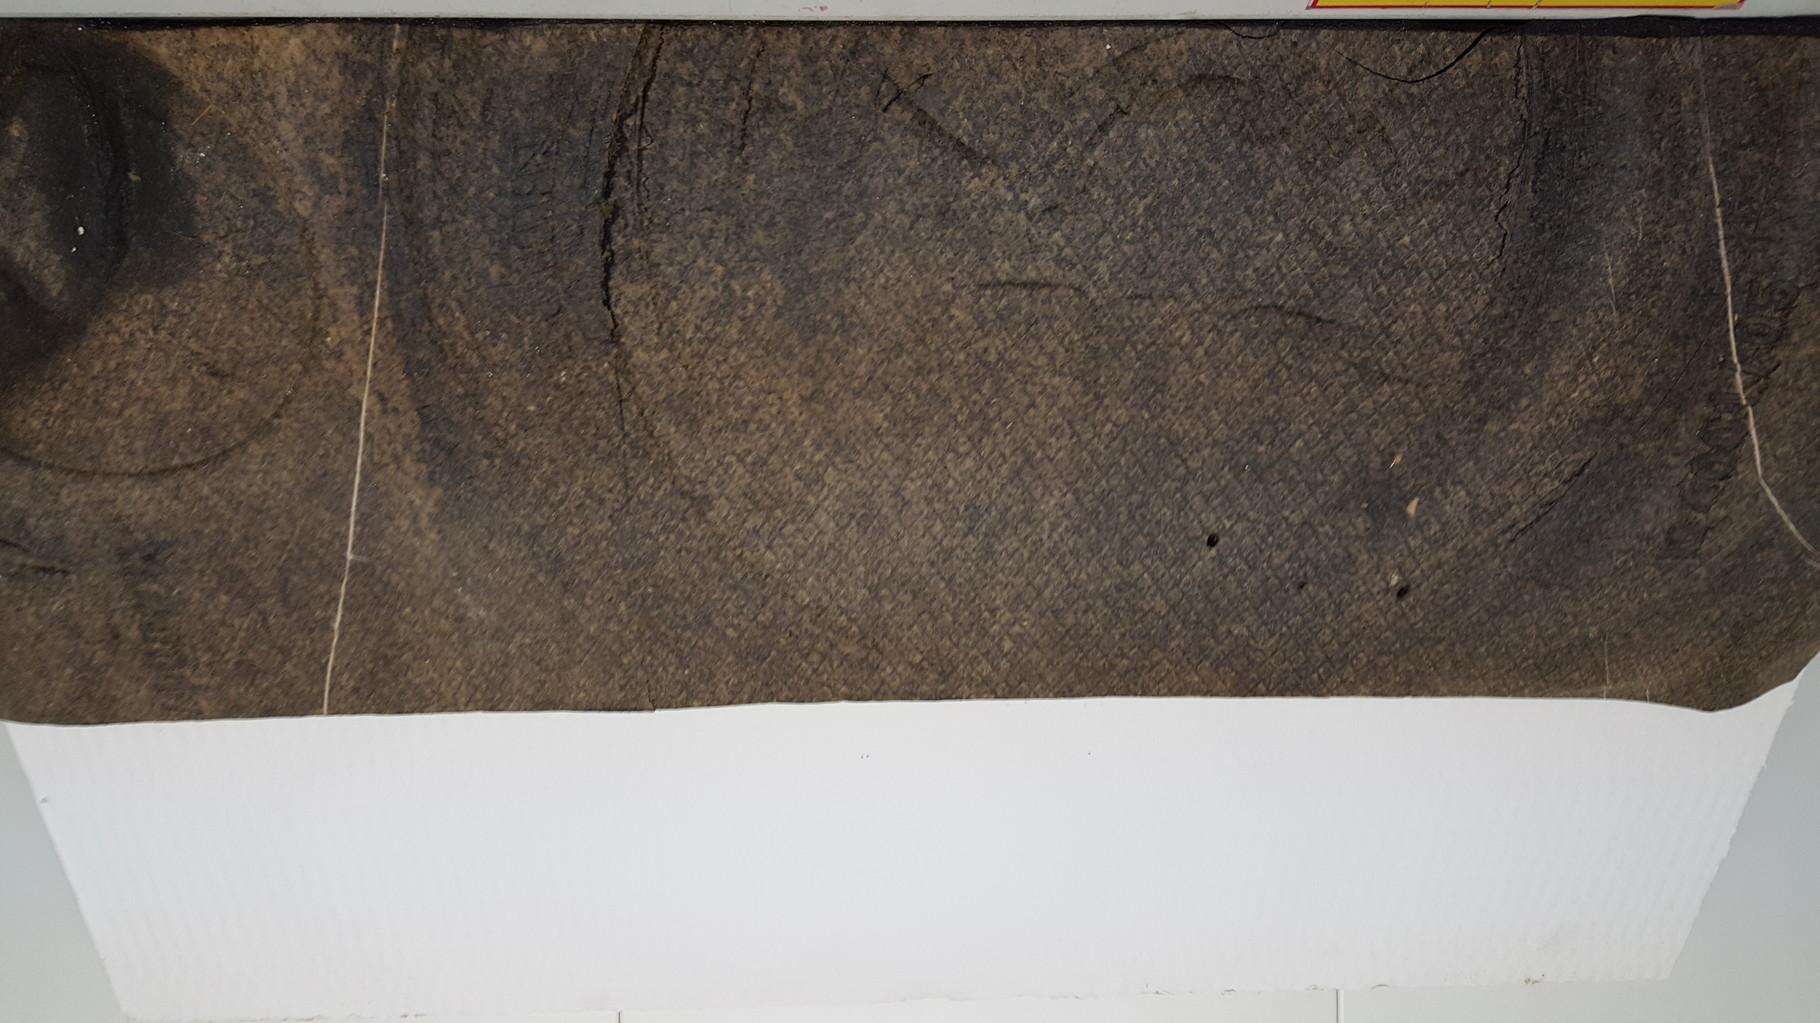 IDIKEL_schwerbrennbare Platte (M500)